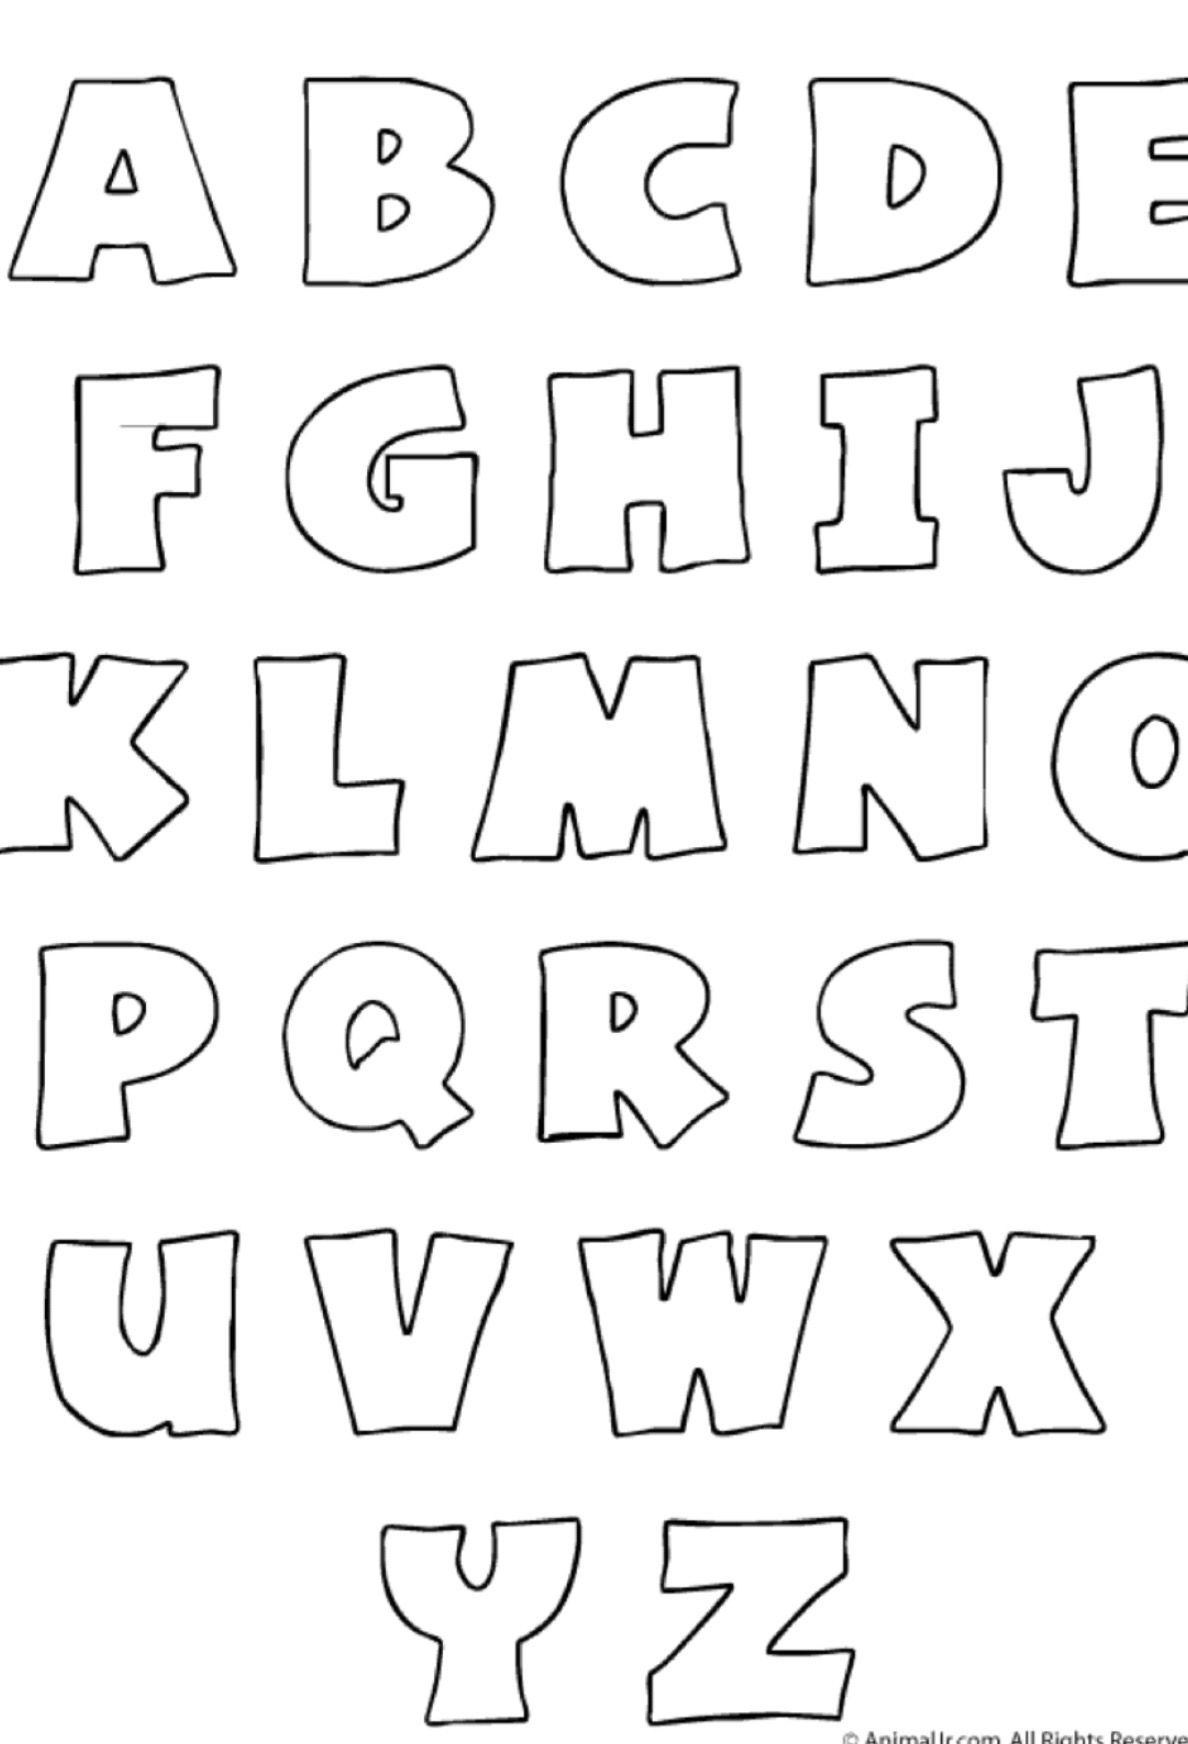 Plantilla para imprimir el abecedario patrones y moldes - Plantillas de letras para pintar en madera ...